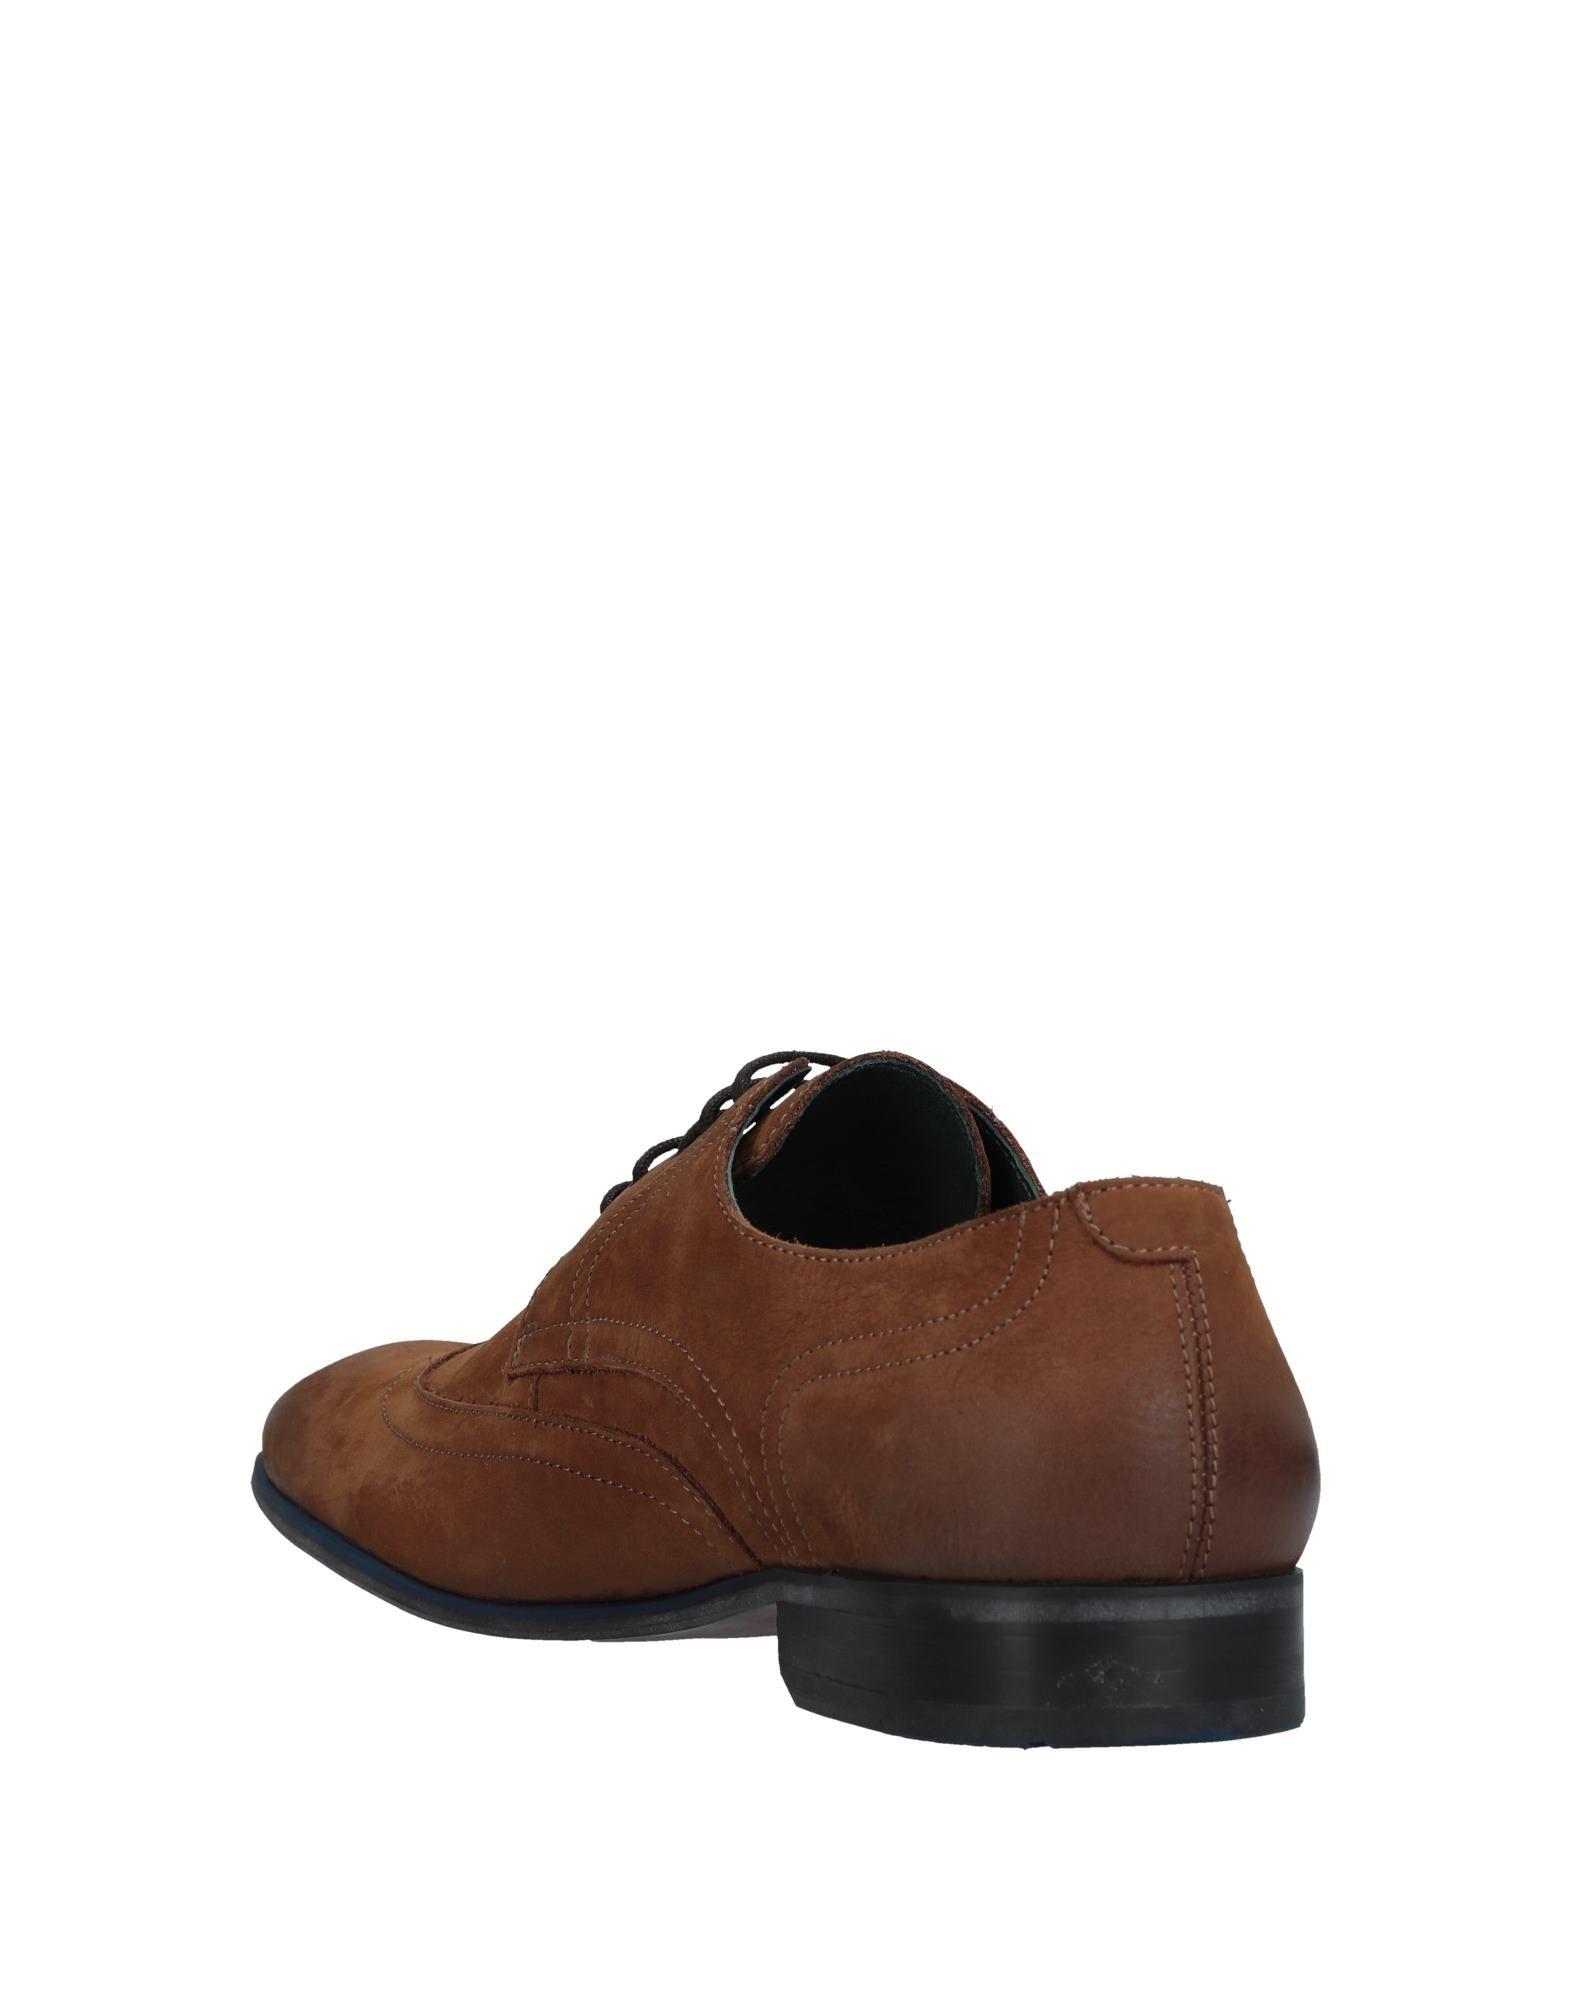 Rabatt Herren echte Schuhe Exceed Schnürschuhe Herren Rabatt  11521594MX e7e44f